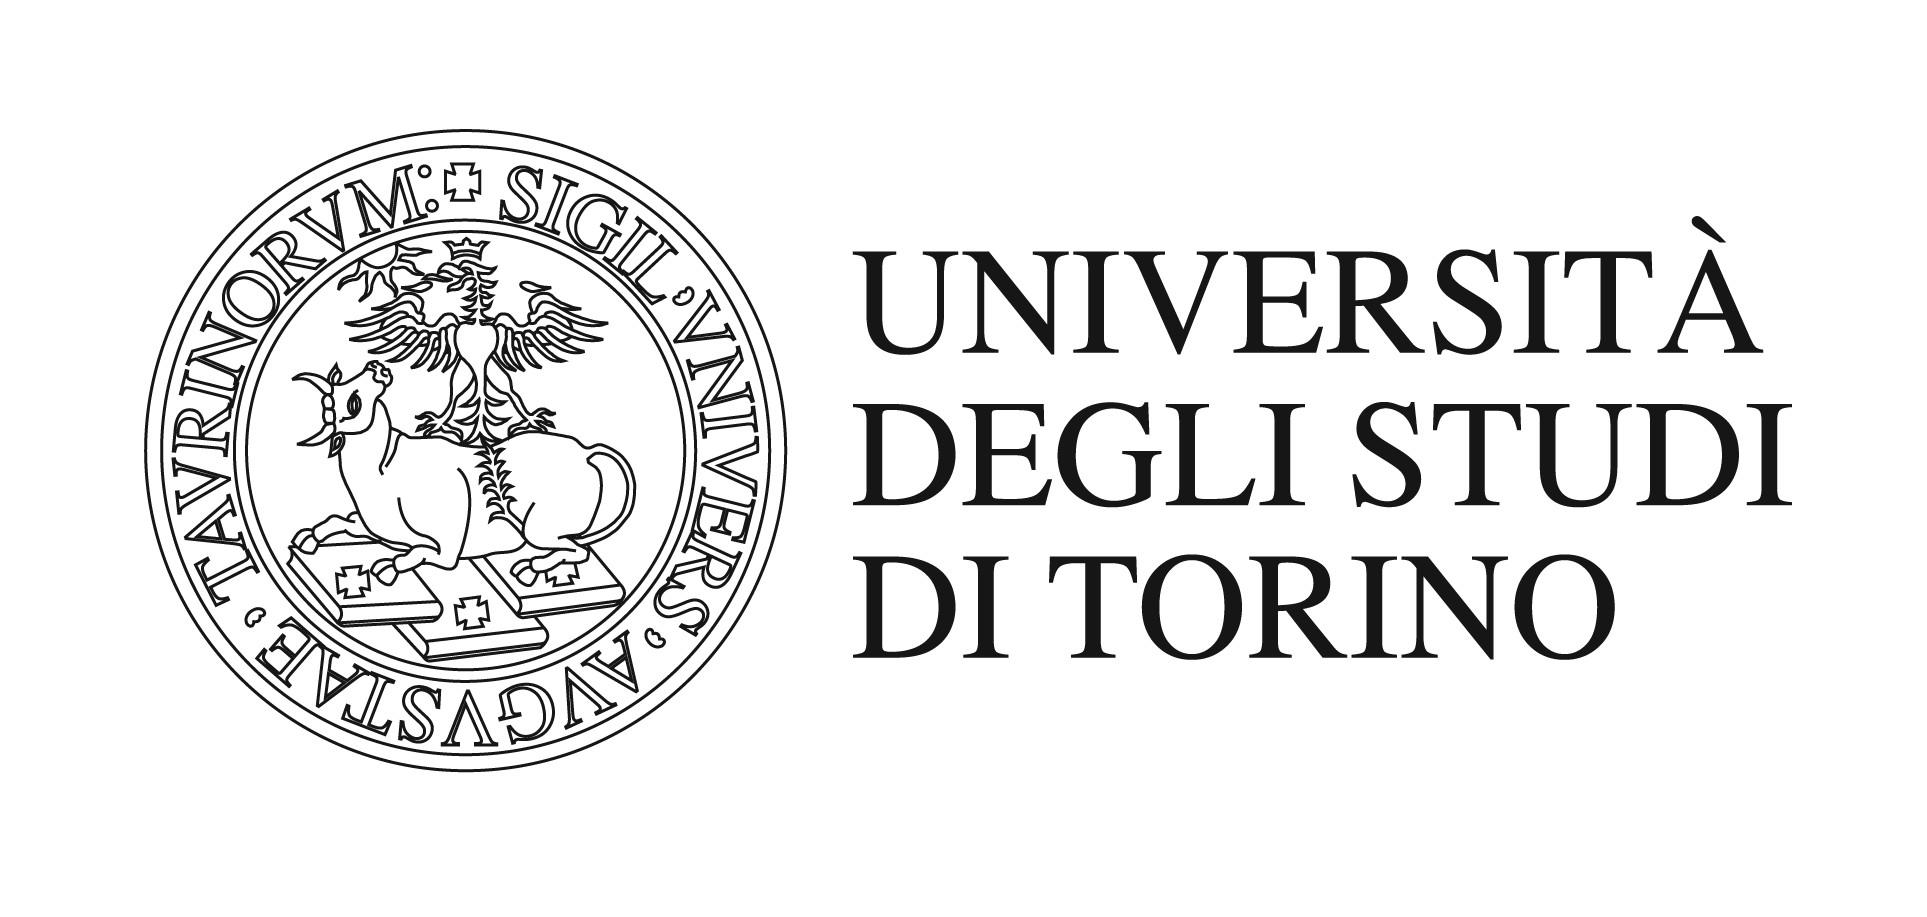 Bildergebnis für Università di Torino